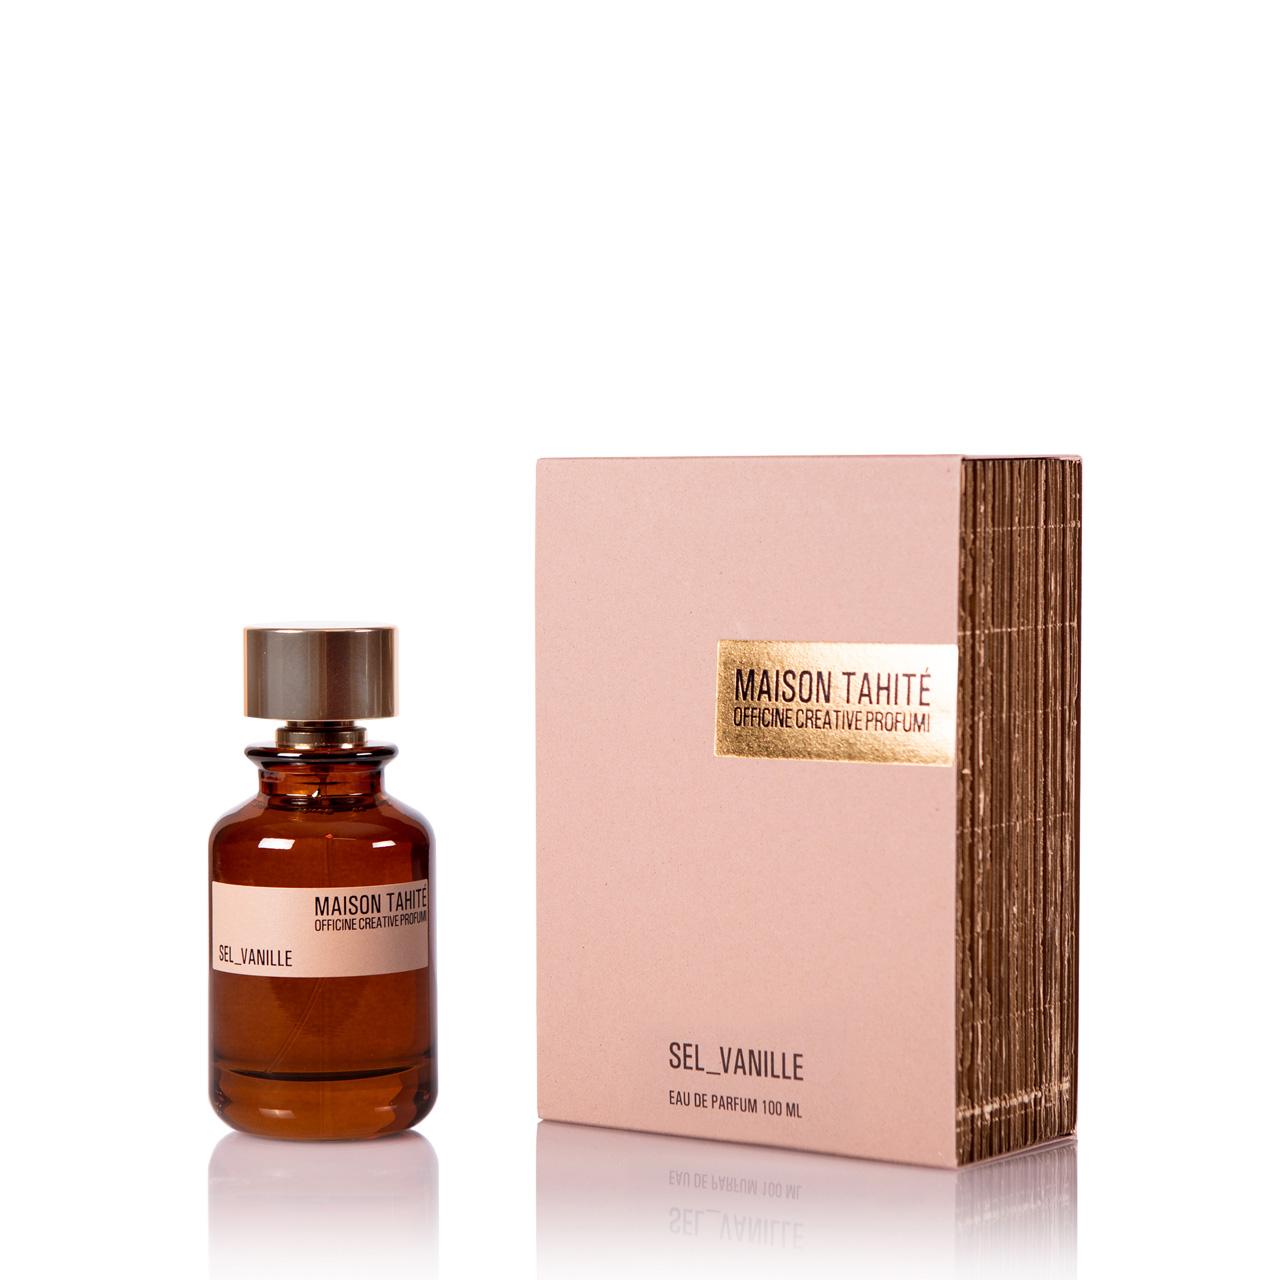 Sel_Vanille - Eau de Parfum